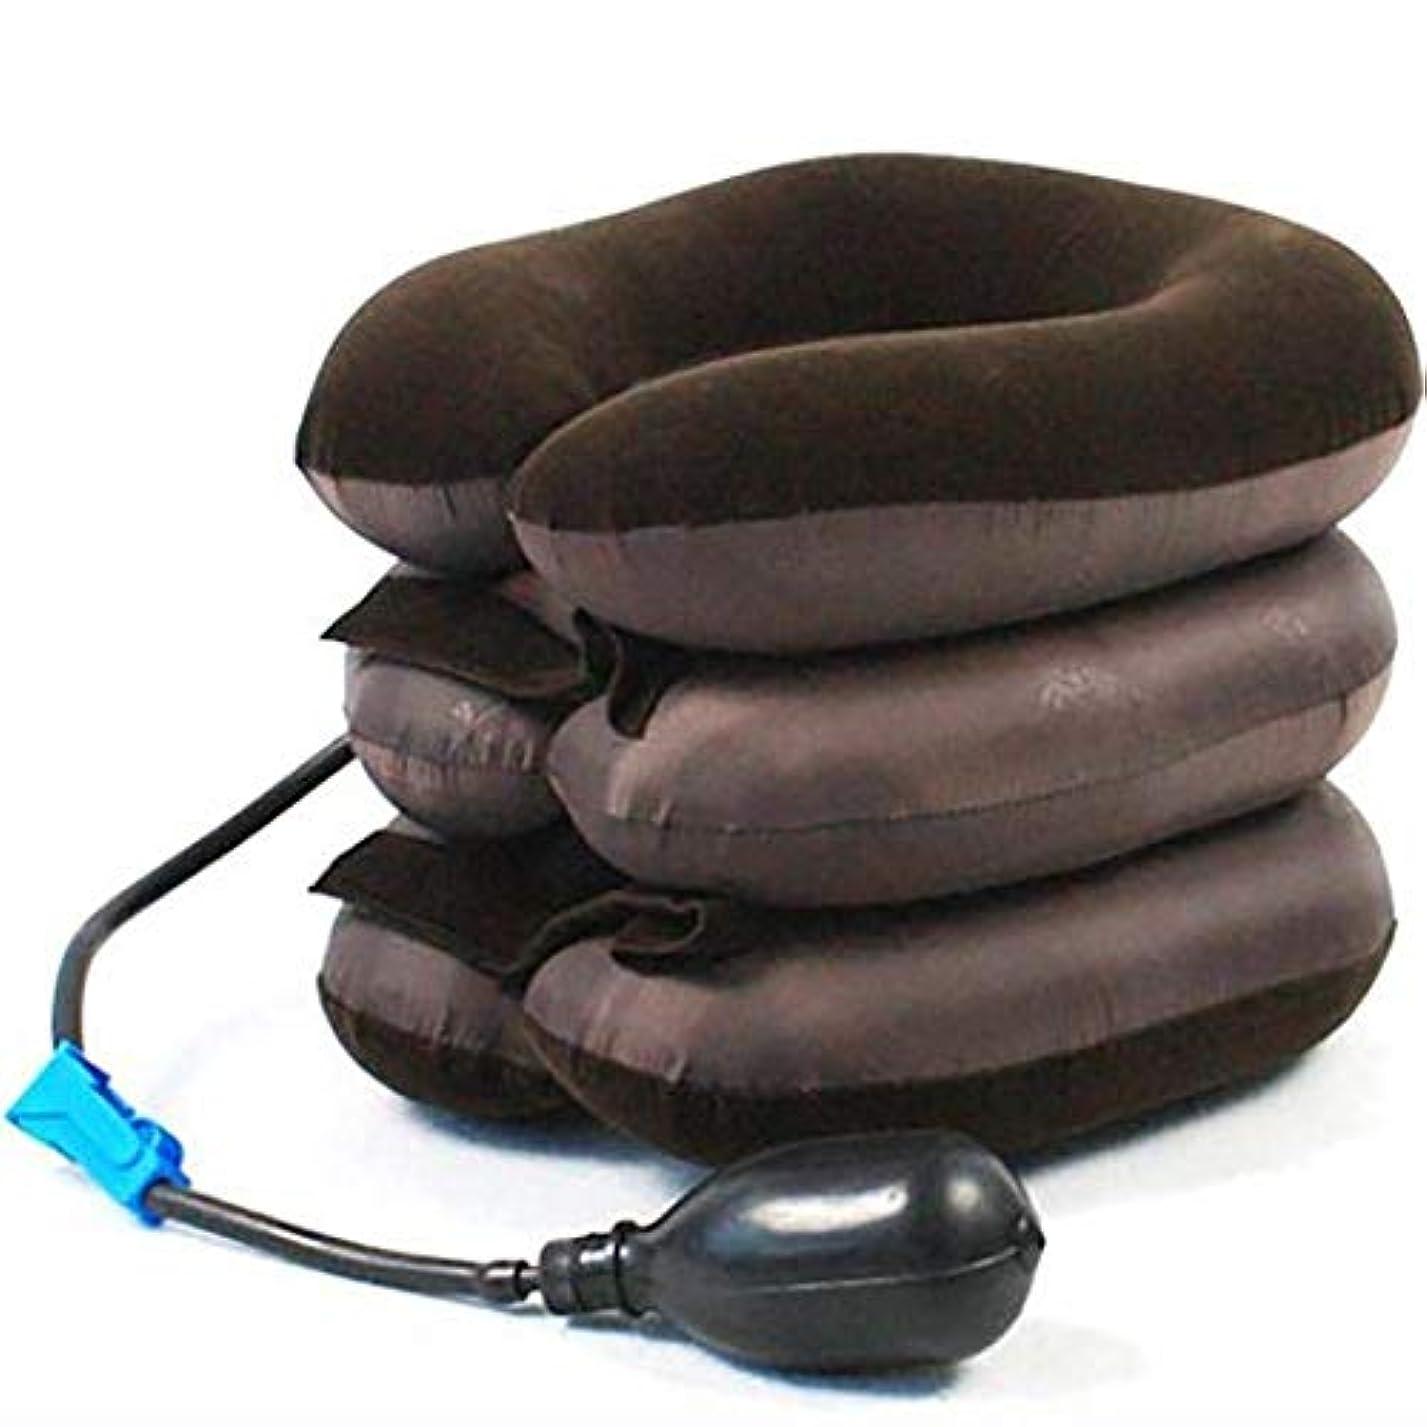 準備ができて大洪水嬉しいですLTのU字型の枕旅行枕頚部開創器の穴の3つの層の首の首NeckgLTの前のリハビリテーションの膨脹可能なテンショナーの首SLTサポート